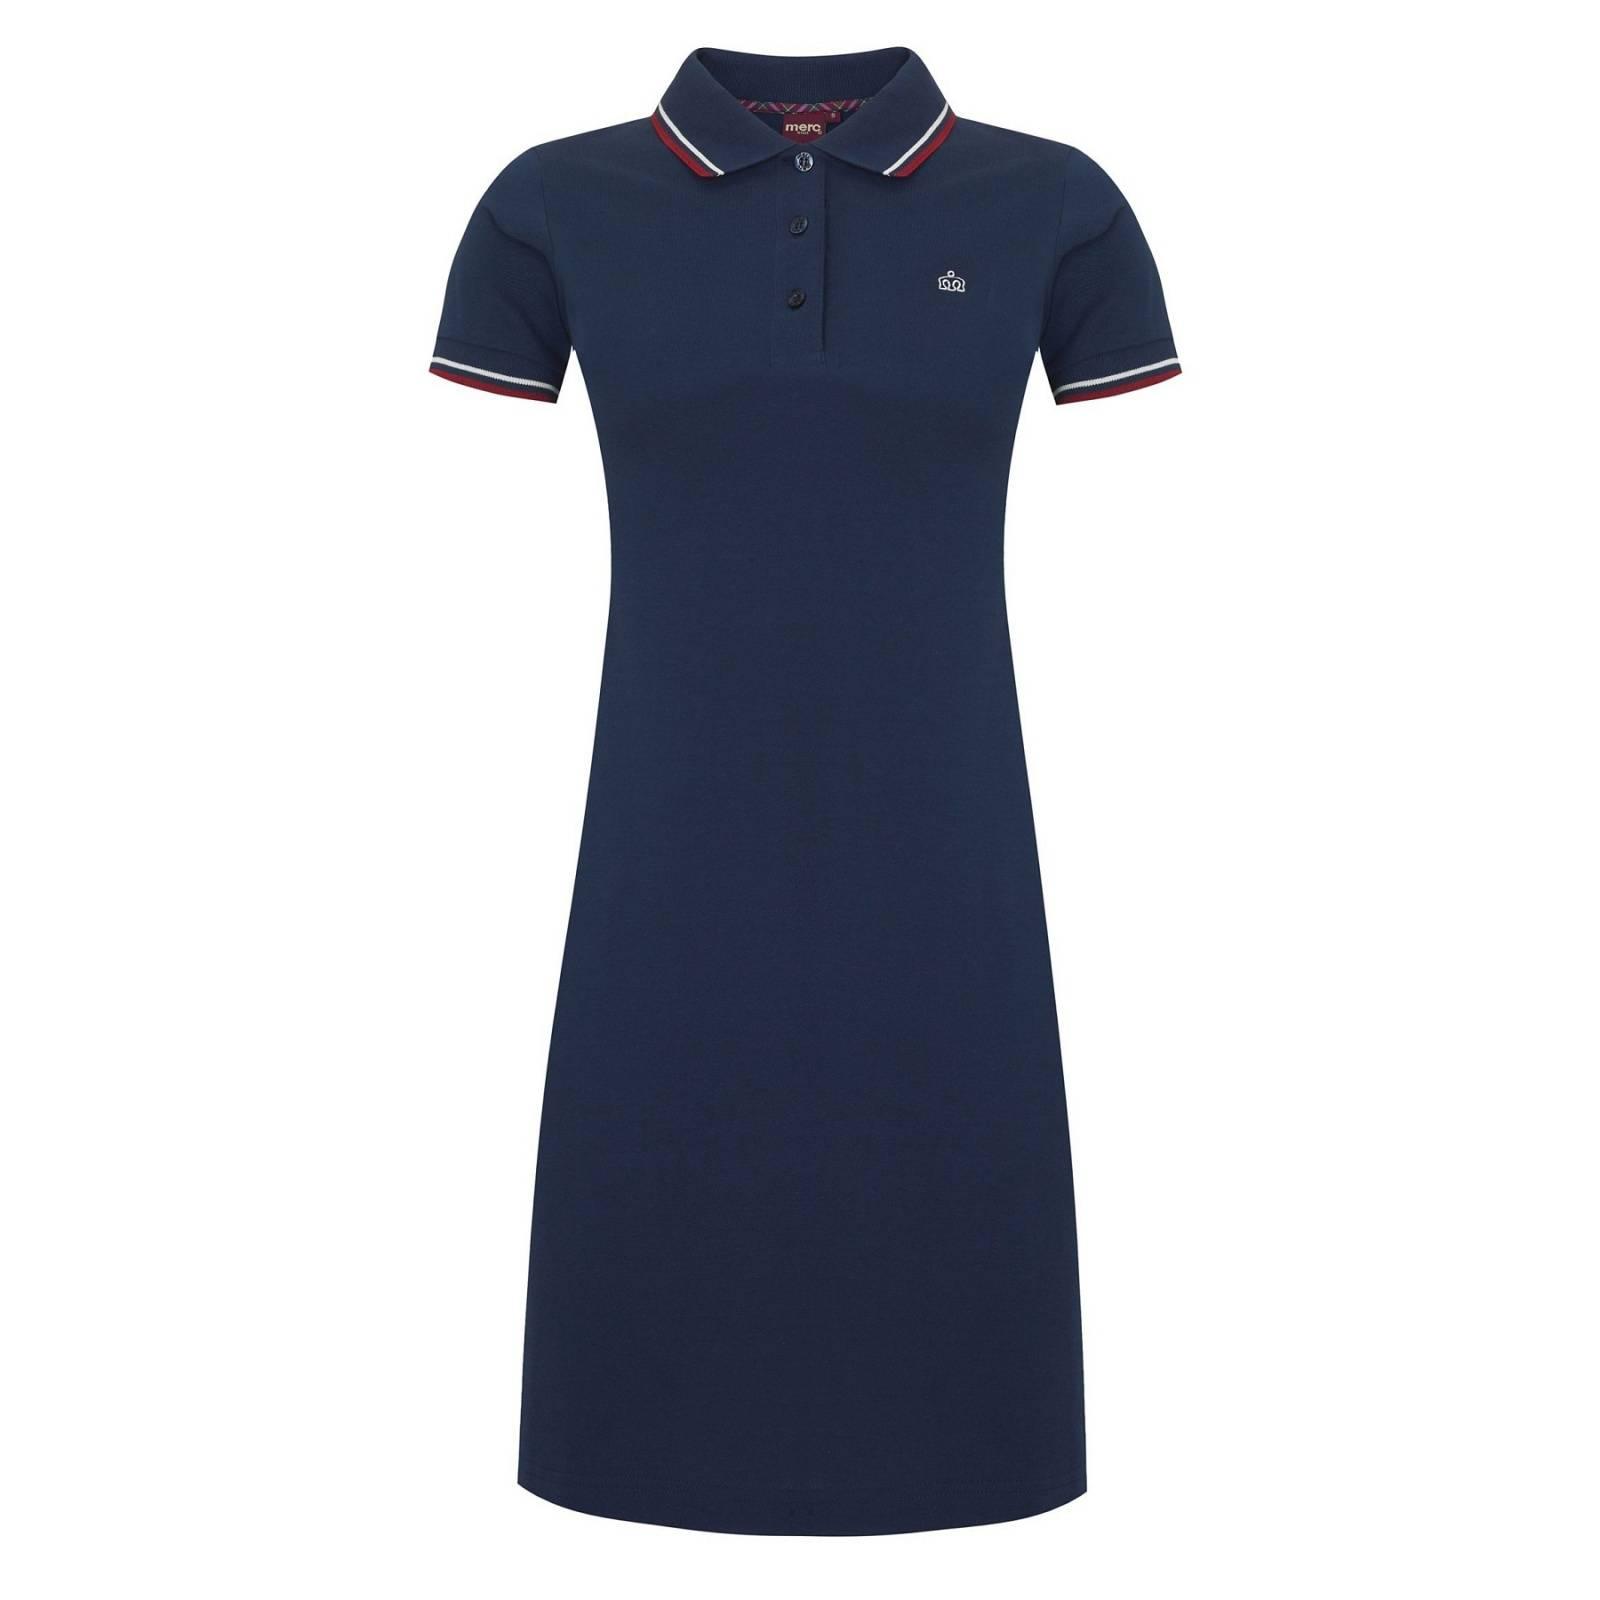 Платье-поло KaraЖенское<br>Облегающее женское платье в духе теннисной моды, произведенное из плотной текстурированной хлопковой ткани пике. Классический отложной воротник и манжеты, выполненные стягивающей трикотажной резинкой, украшены традиционным двухполосным кантом в ретро стиле. Брендирована контрастной вышивкой фирменного лого на груди. Аккуратный силуэт, правильная форма, лаконичный и узнаваемый sporty дизайн привнесут легкость и динамику в повседневный гардероб на пару с кедами, кроссовками или балетками.<br><br>Артикул: 2911101<br>Материал: 100% хлопок<br>Цвет: синий<br>Пол: Мужской